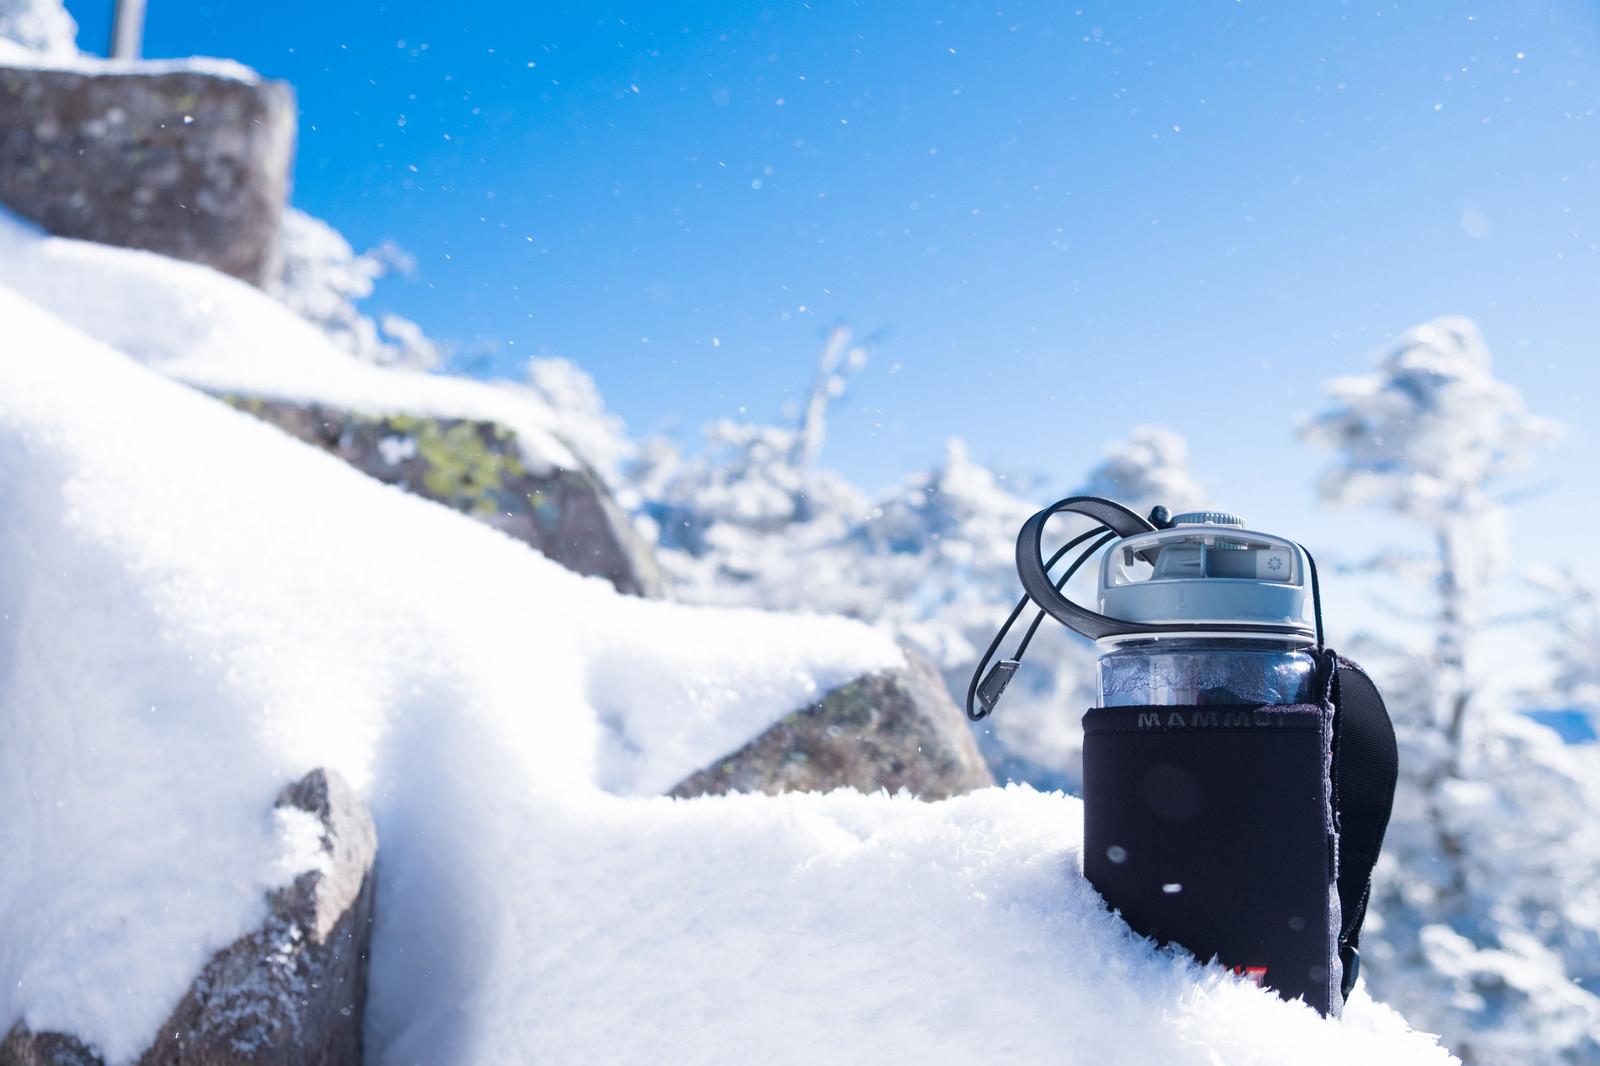 「氷点下15℃の気温で氷始めたドリンクボトル | 写真の無料素材・フリー素材 - ぱくたそ」の写真